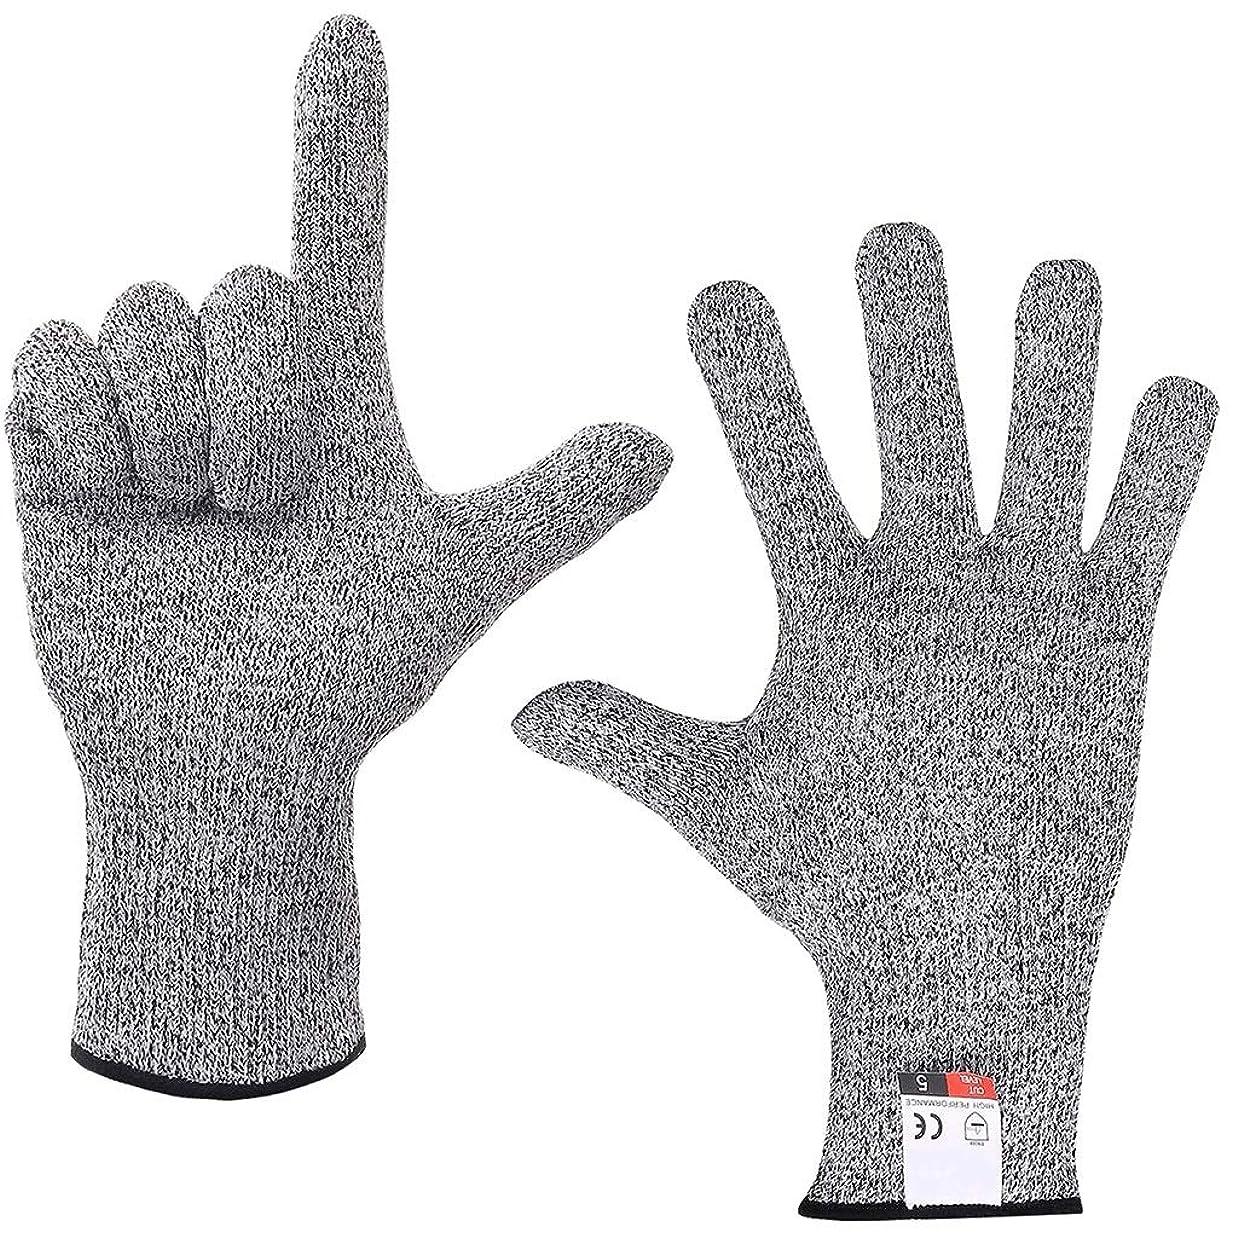 欠かせない不誠実トークIUYWL手袋 防犯手袋食品用厨房用耐カット手袋グレー2cm IUYWL手袋